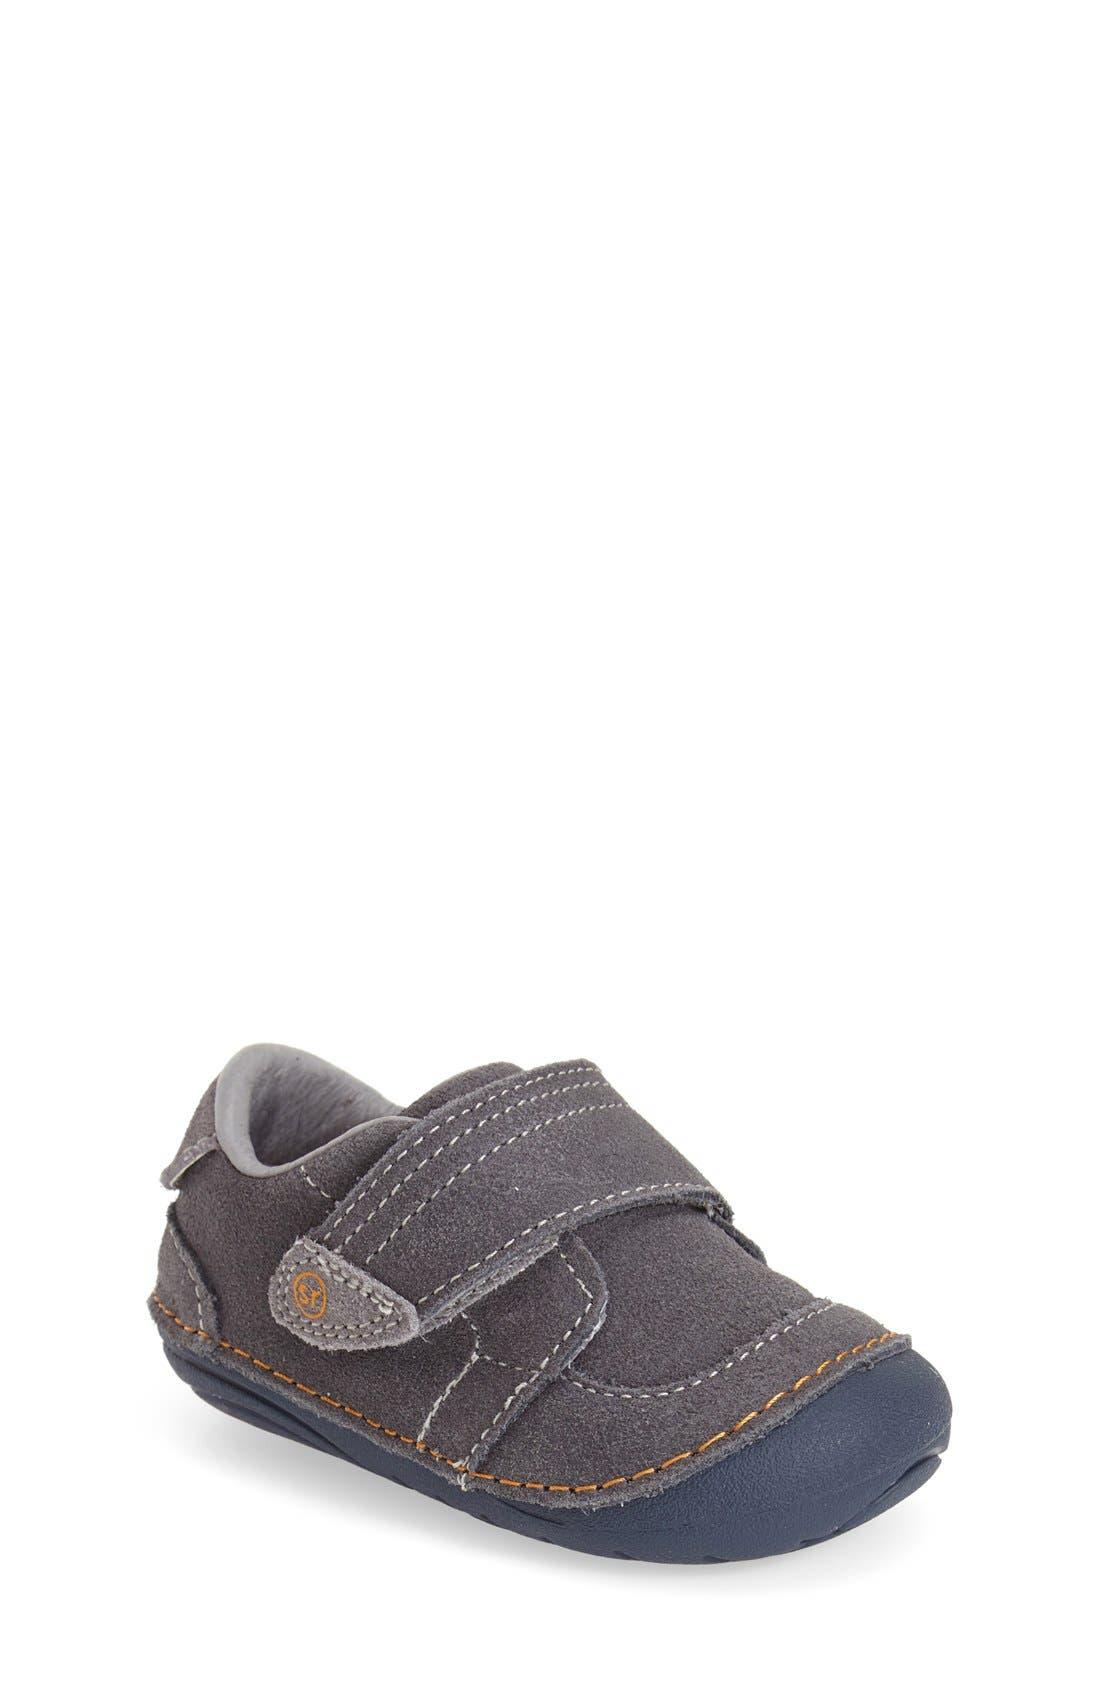 Main Image - Stride Rite Soft Motion Kellen Sneaker (Baby & Walker)